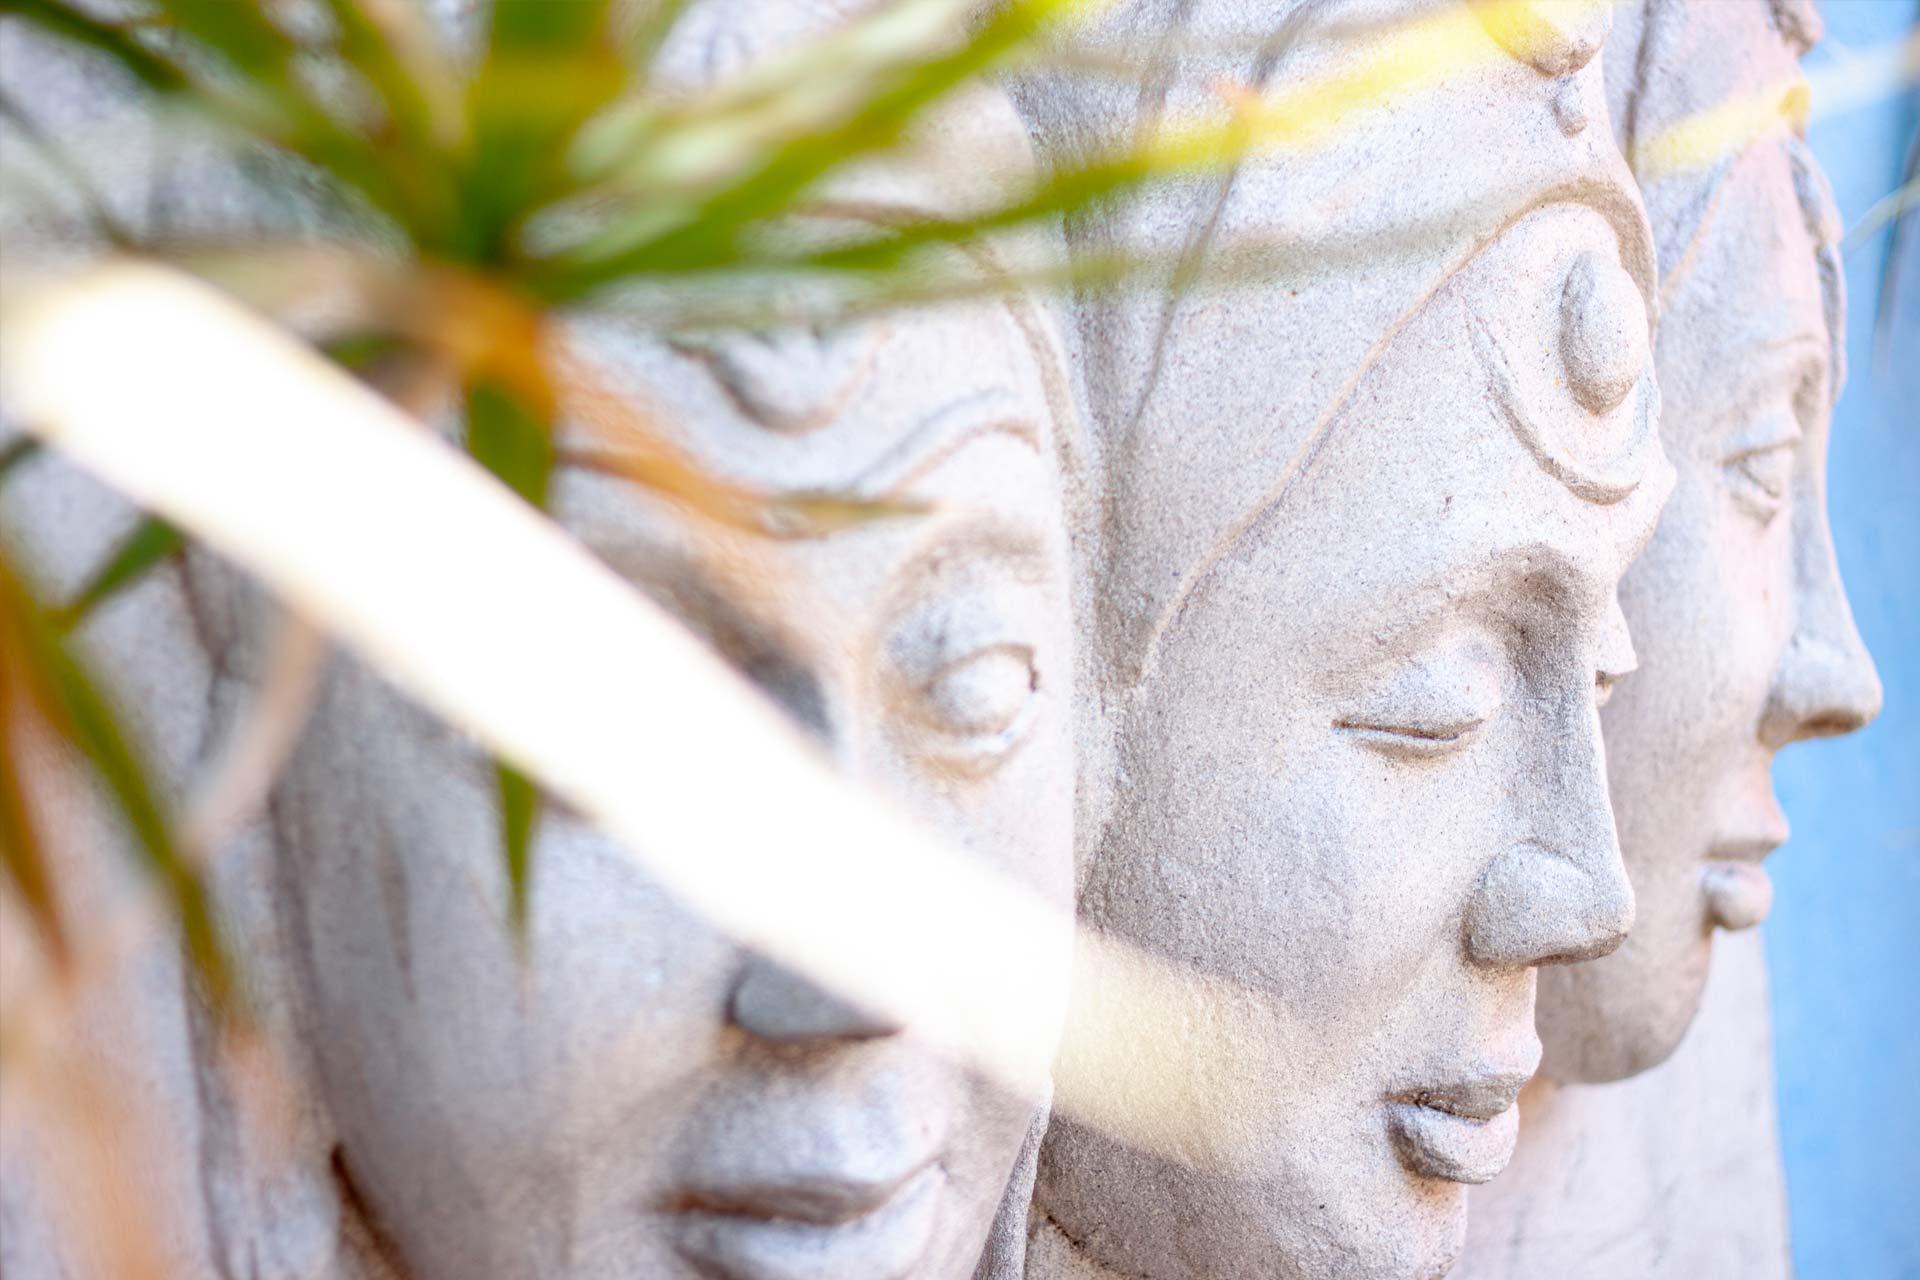 Skulptur indischer Gottheiten von Desh Ranjan Sharma auf unserer Sonnenterrasse